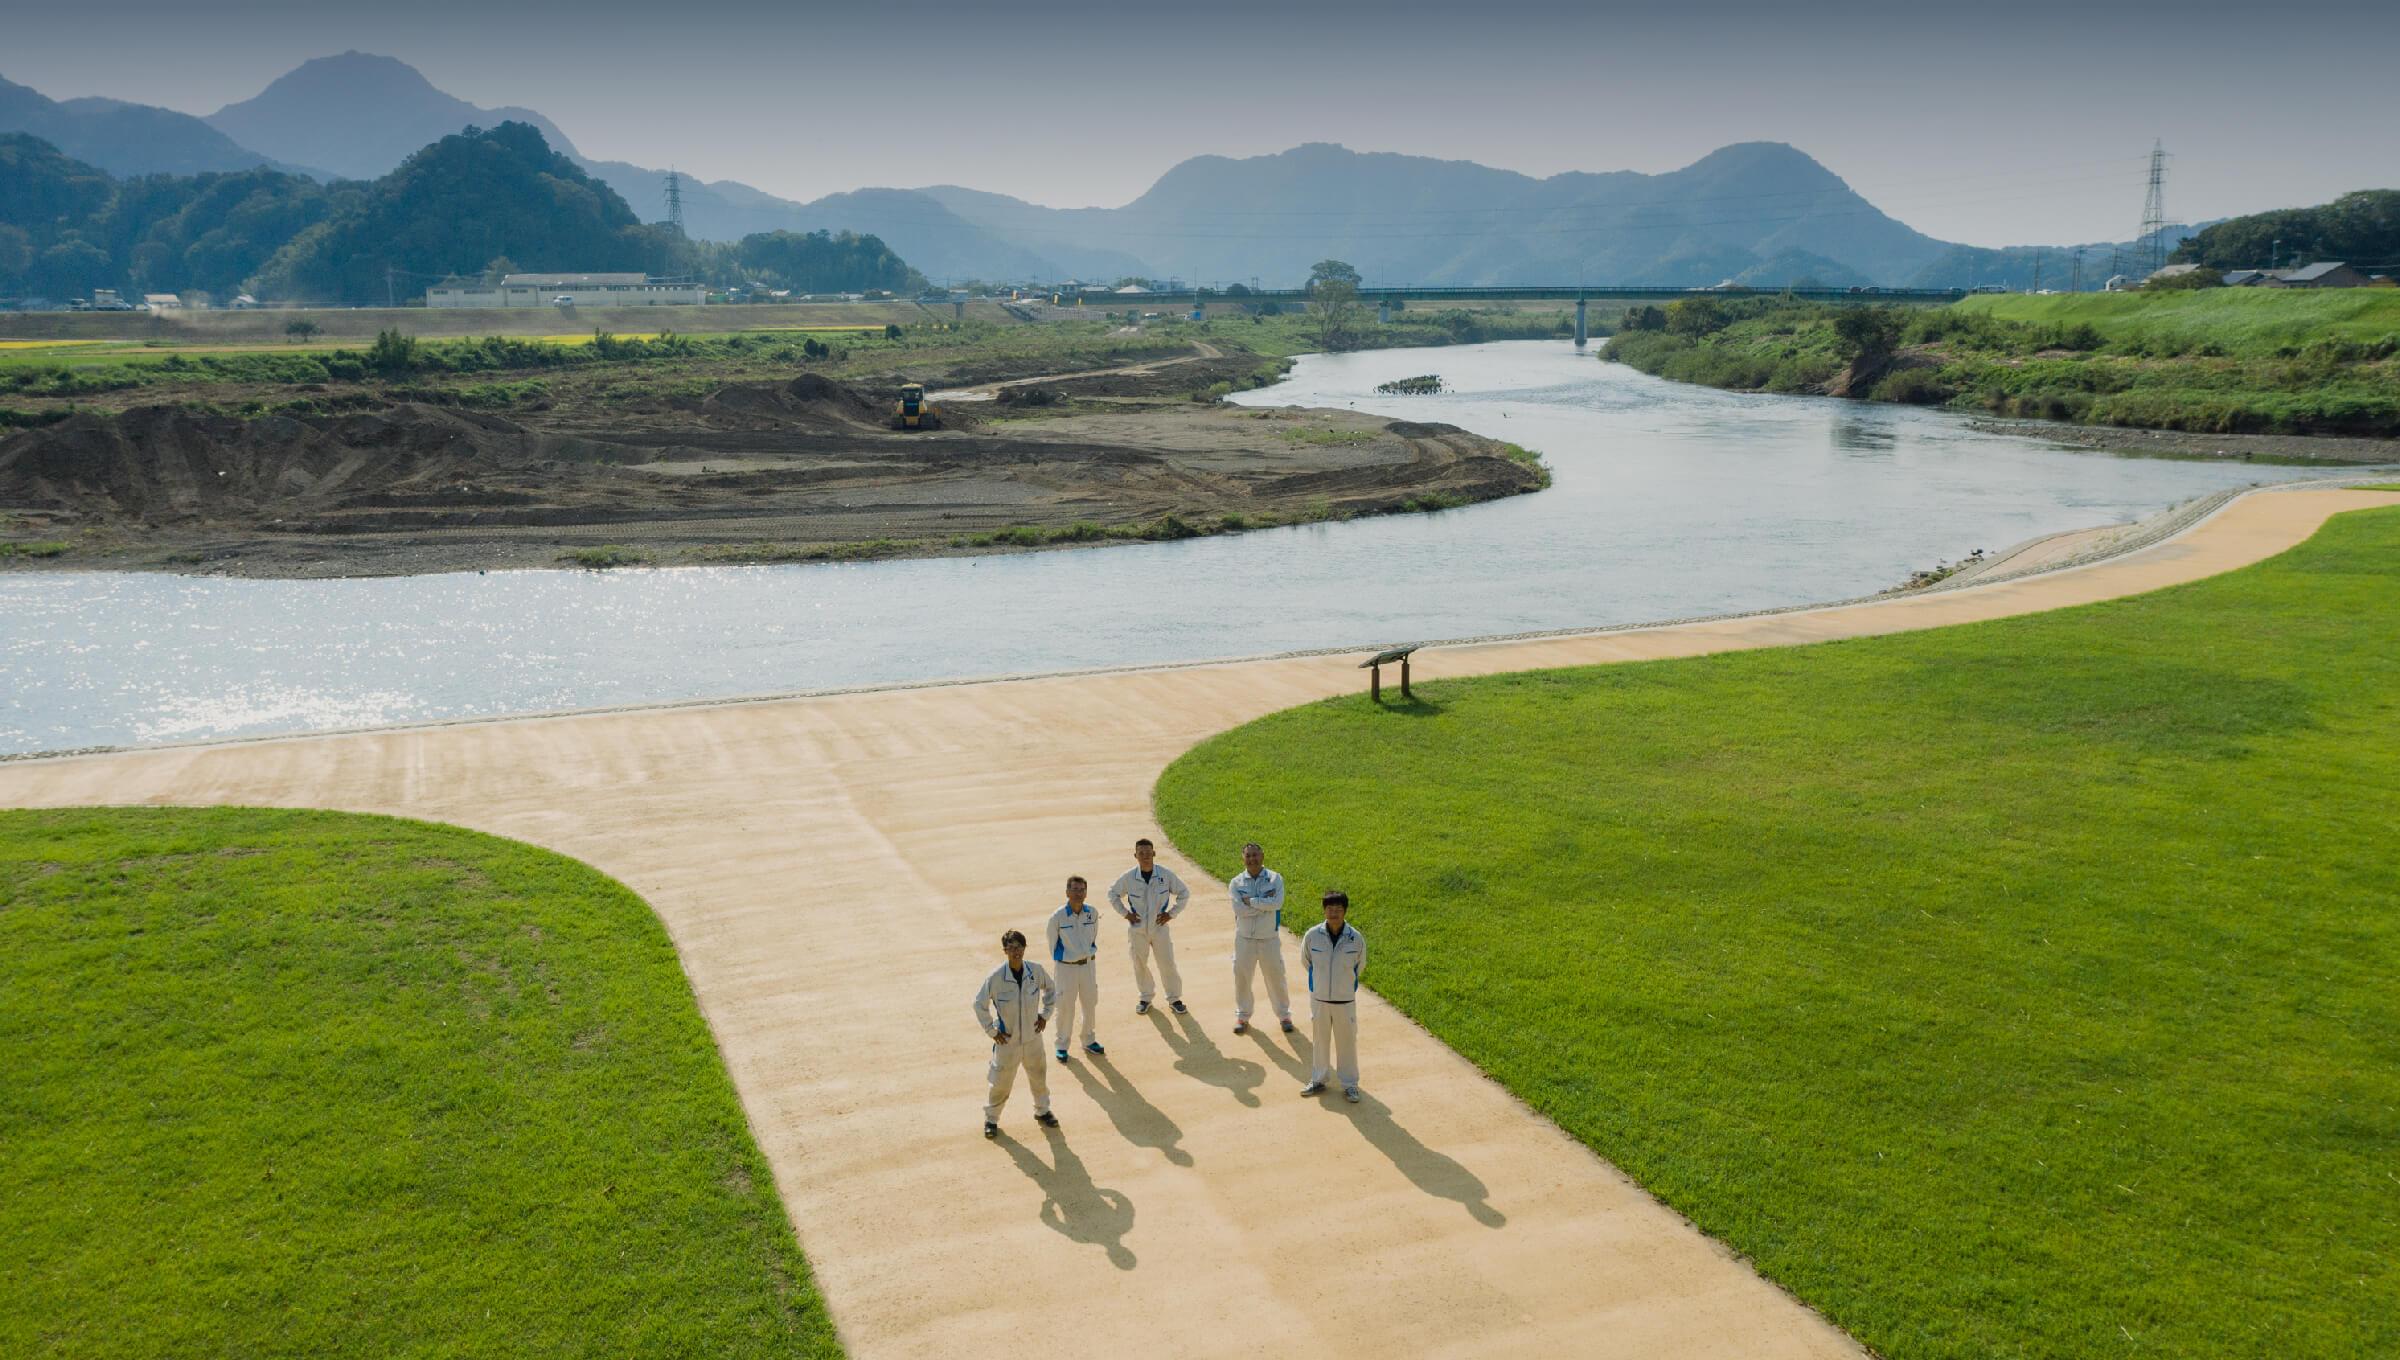 狩野川河川維持修繕プロジェクト イメージ写真